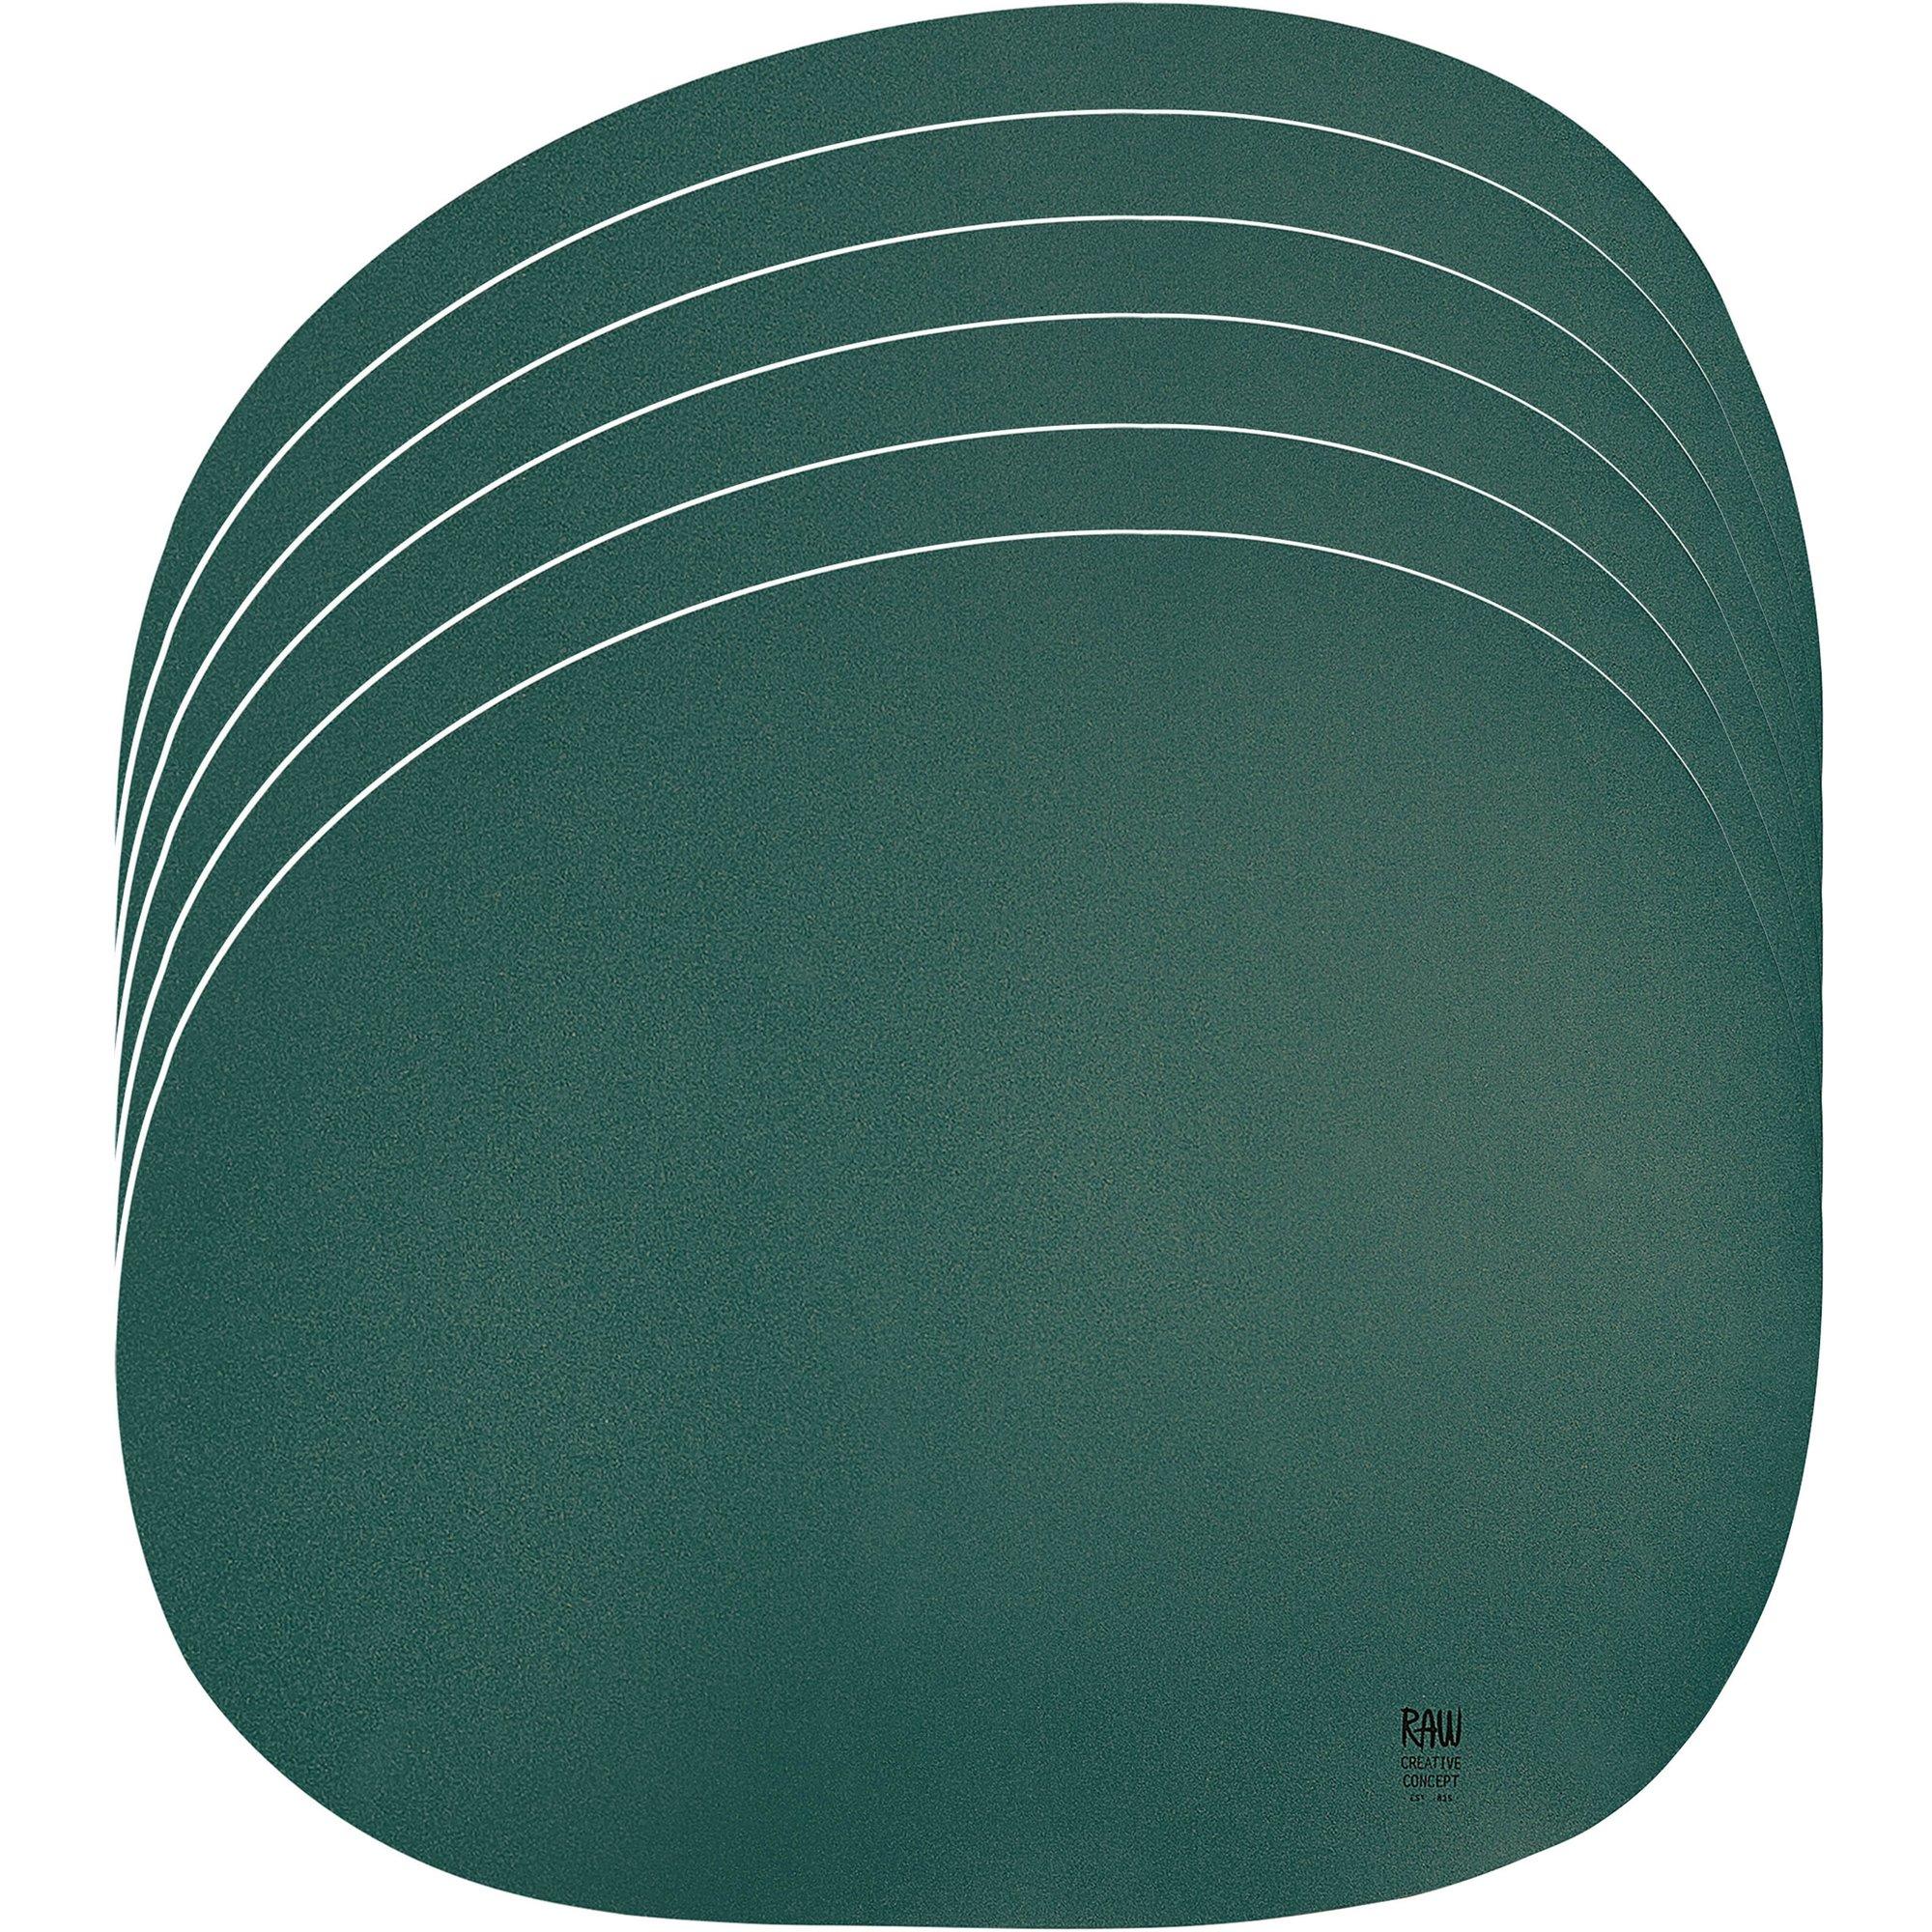 Aida RAW Organic Bordstablett 6 st. mörk grön